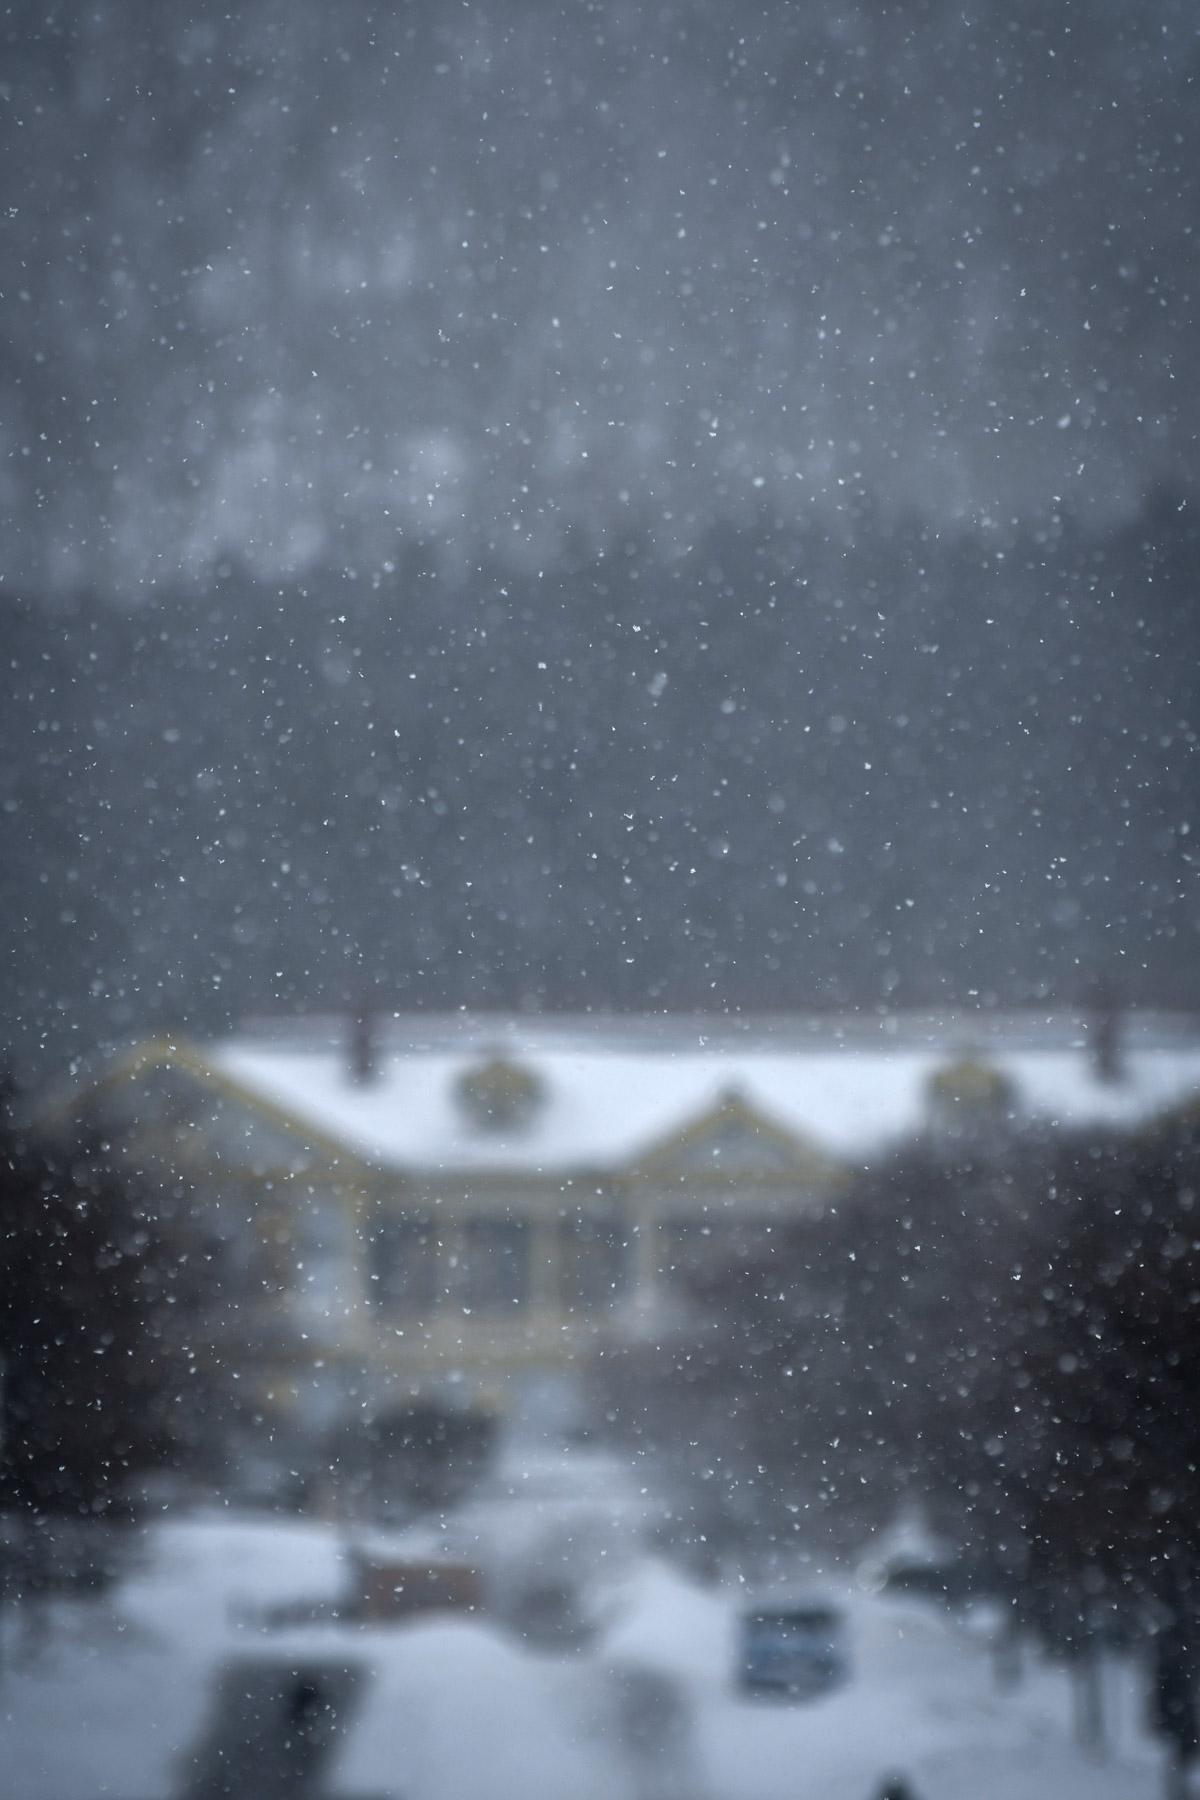 雪の向こう 朧な公会堂